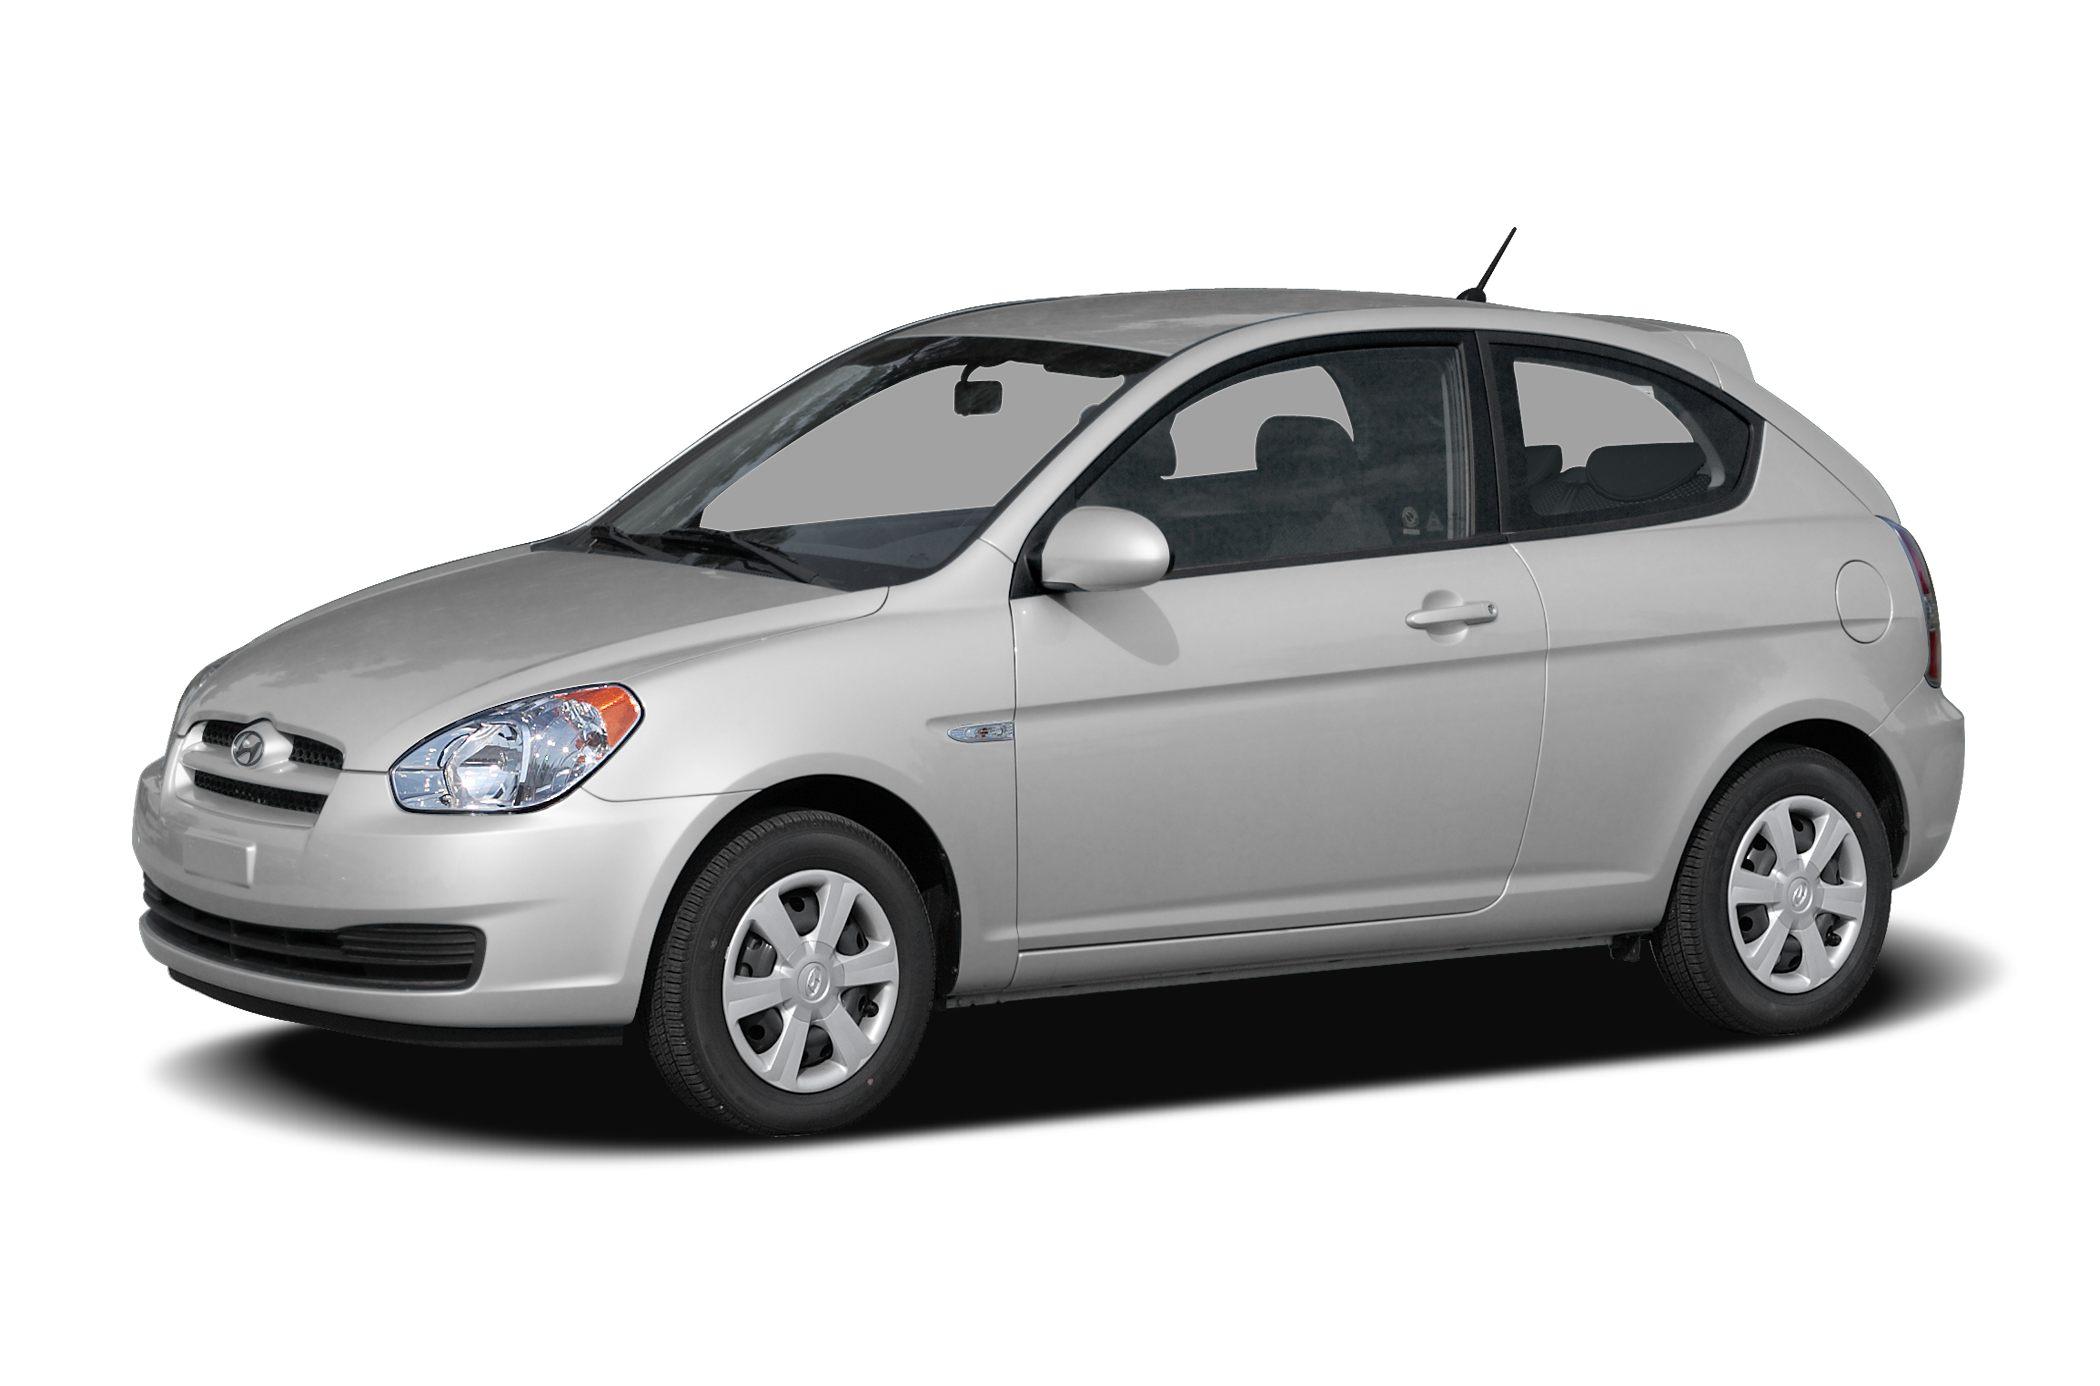 Hyundai Accent Hatchback >> 2007 Hyundai Accent Information